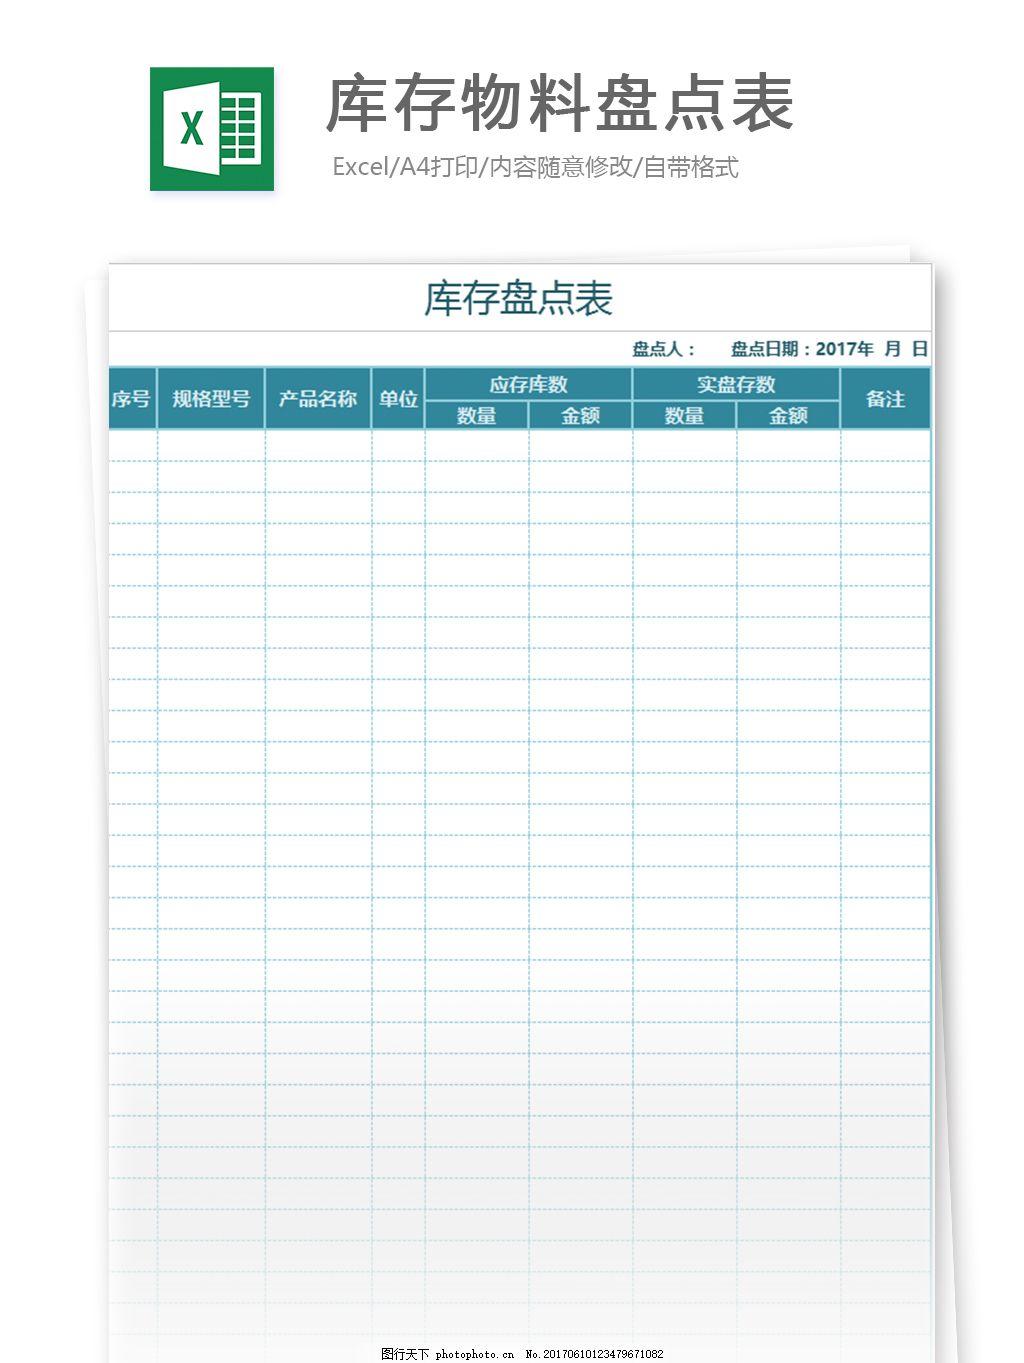 药品年度采购计划表_库存物料盘点表excel模板图片_购销发货_Excel模板-图行天下素材网